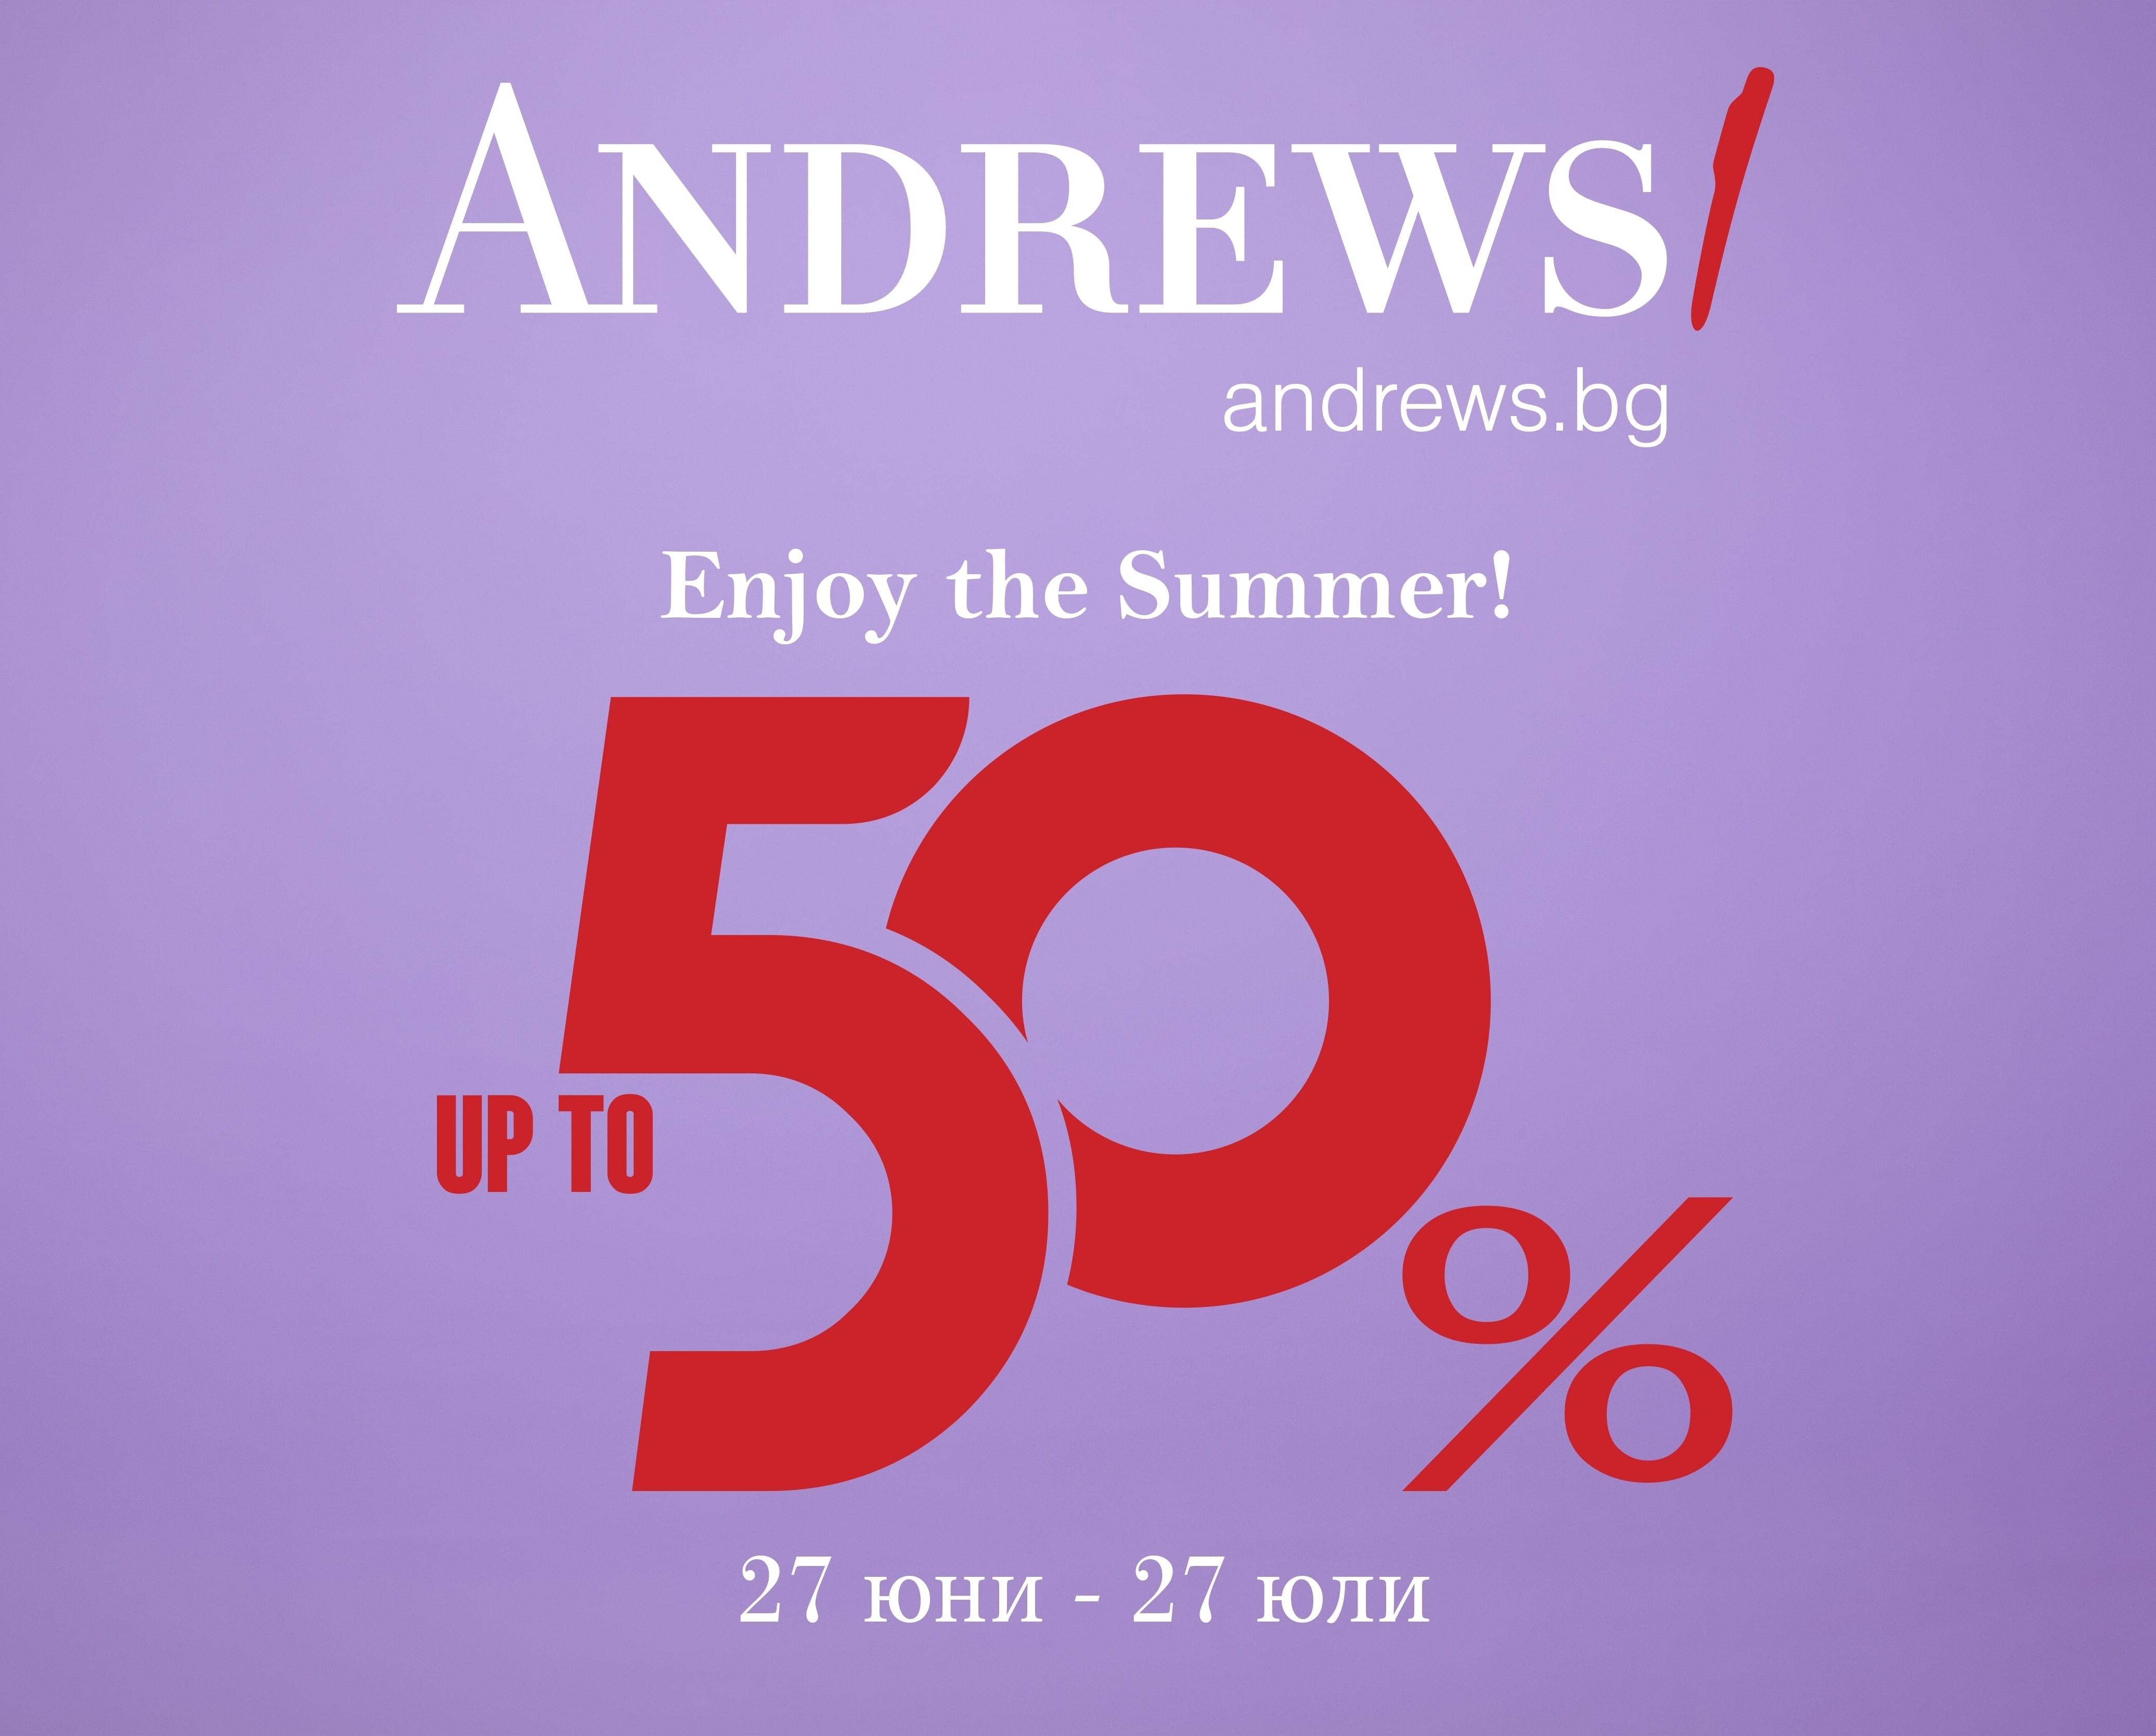 Насладете се на лятото с магазин ANDREWS/